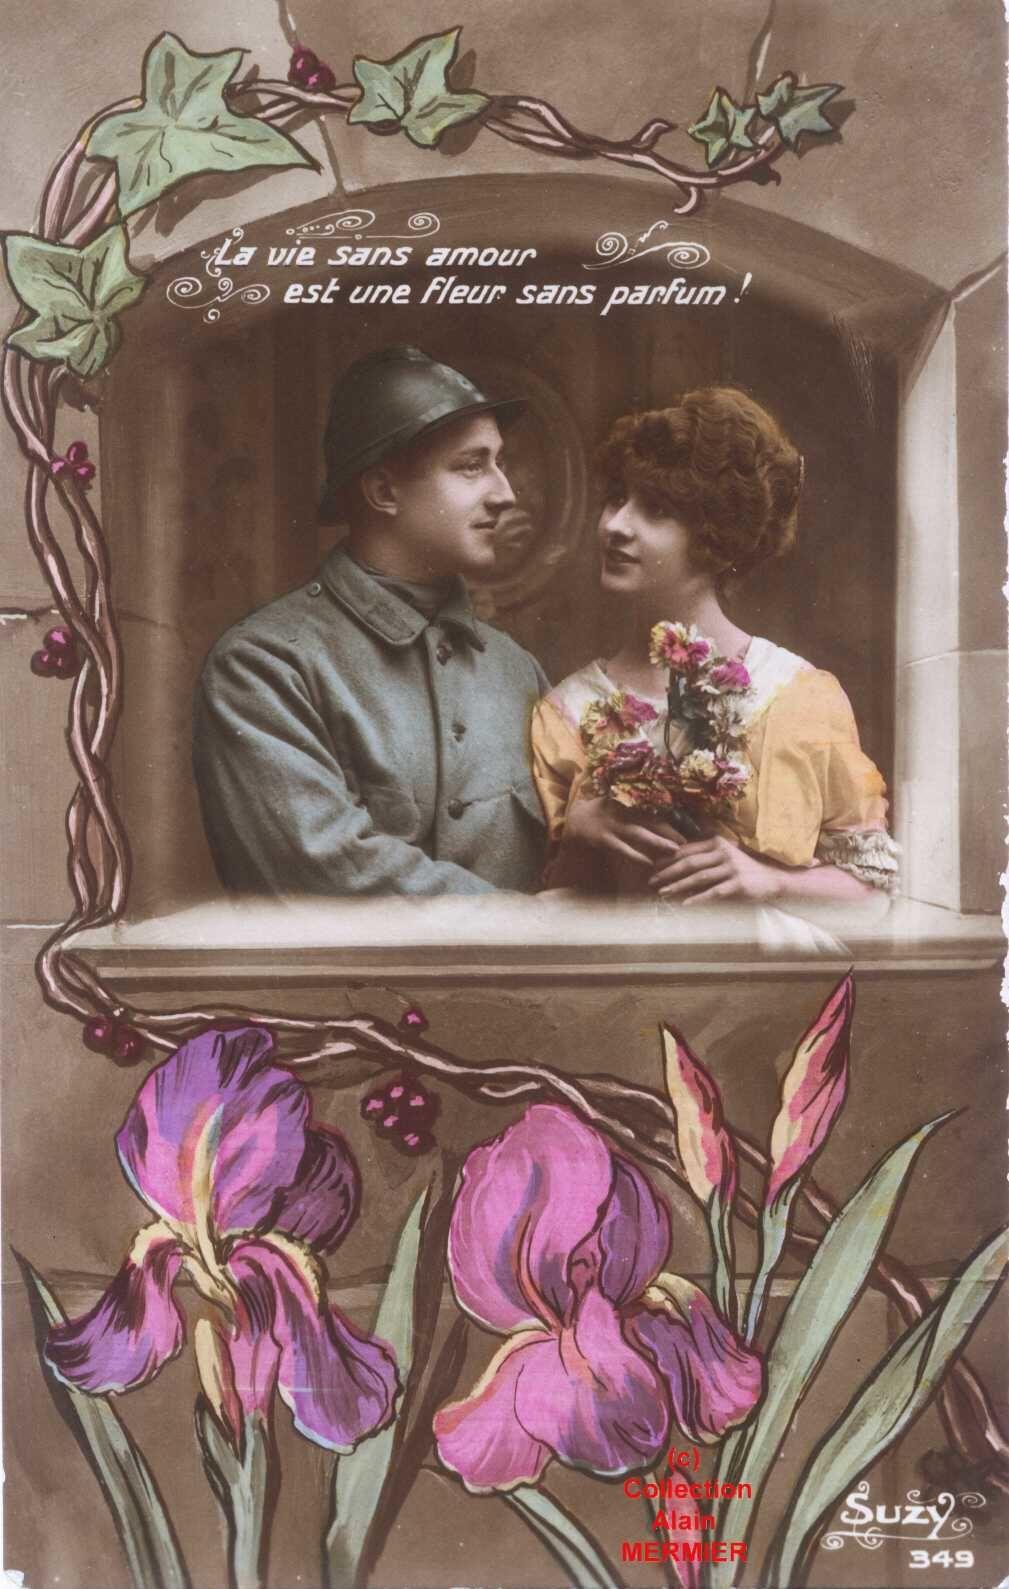 Iris -1939- Colorisée. La vie sans amour est une fleur sans parfum. France. 1914-18